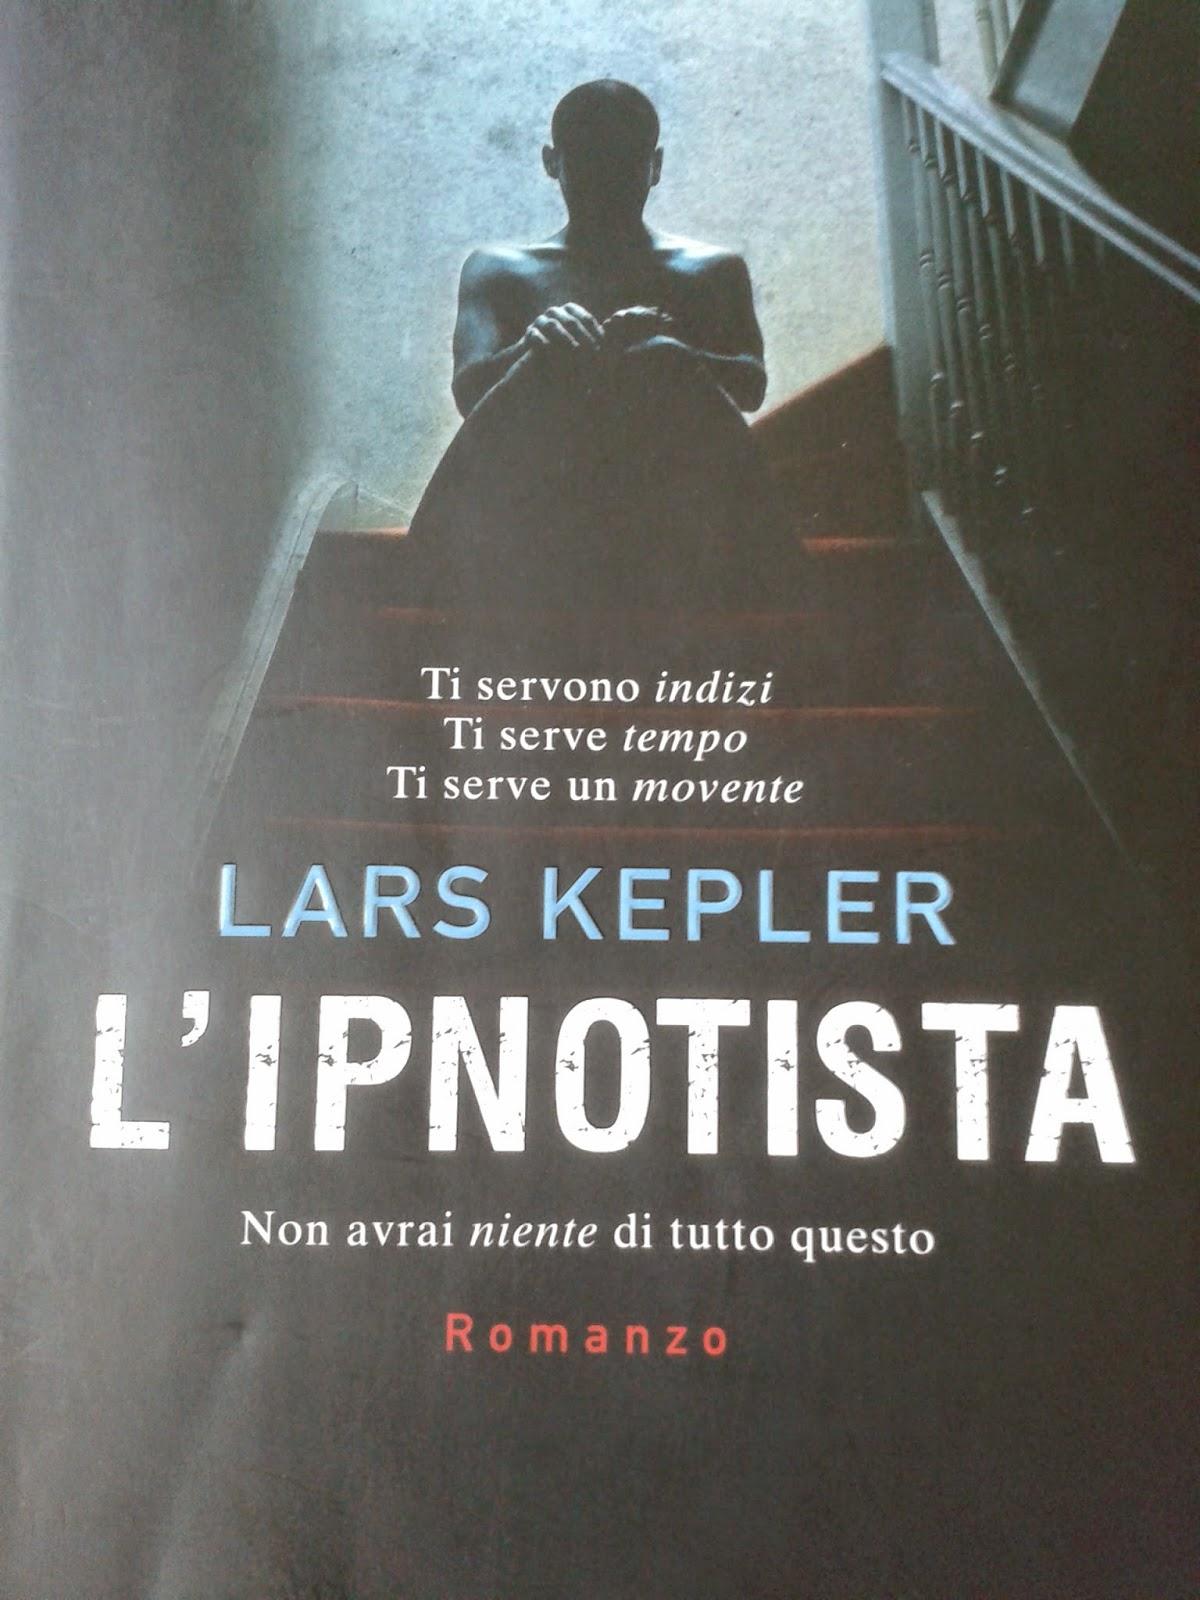 L'ipnotista, Lars Kepler | Profumo di libri